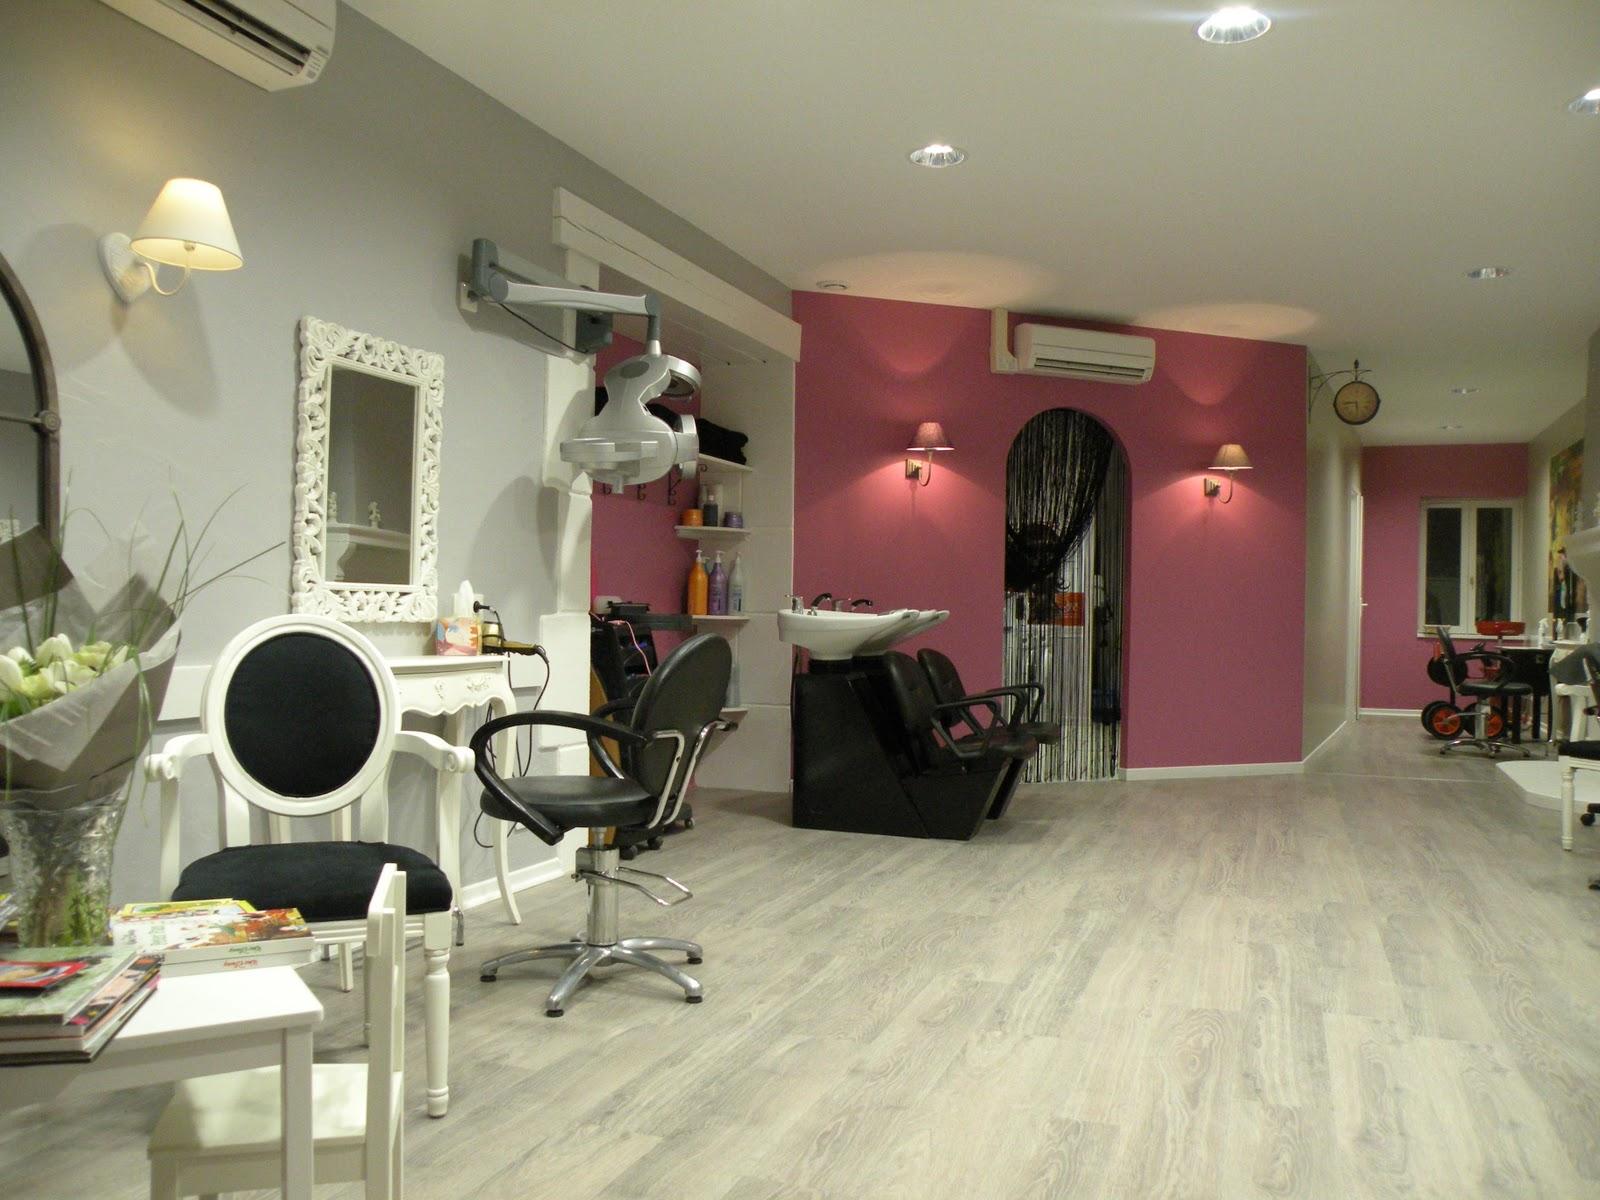 l 39 atelier des f es dernier chantier le salon de coiffure violaine coiffure a ciel avant. Black Bedroom Furniture Sets. Home Design Ideas